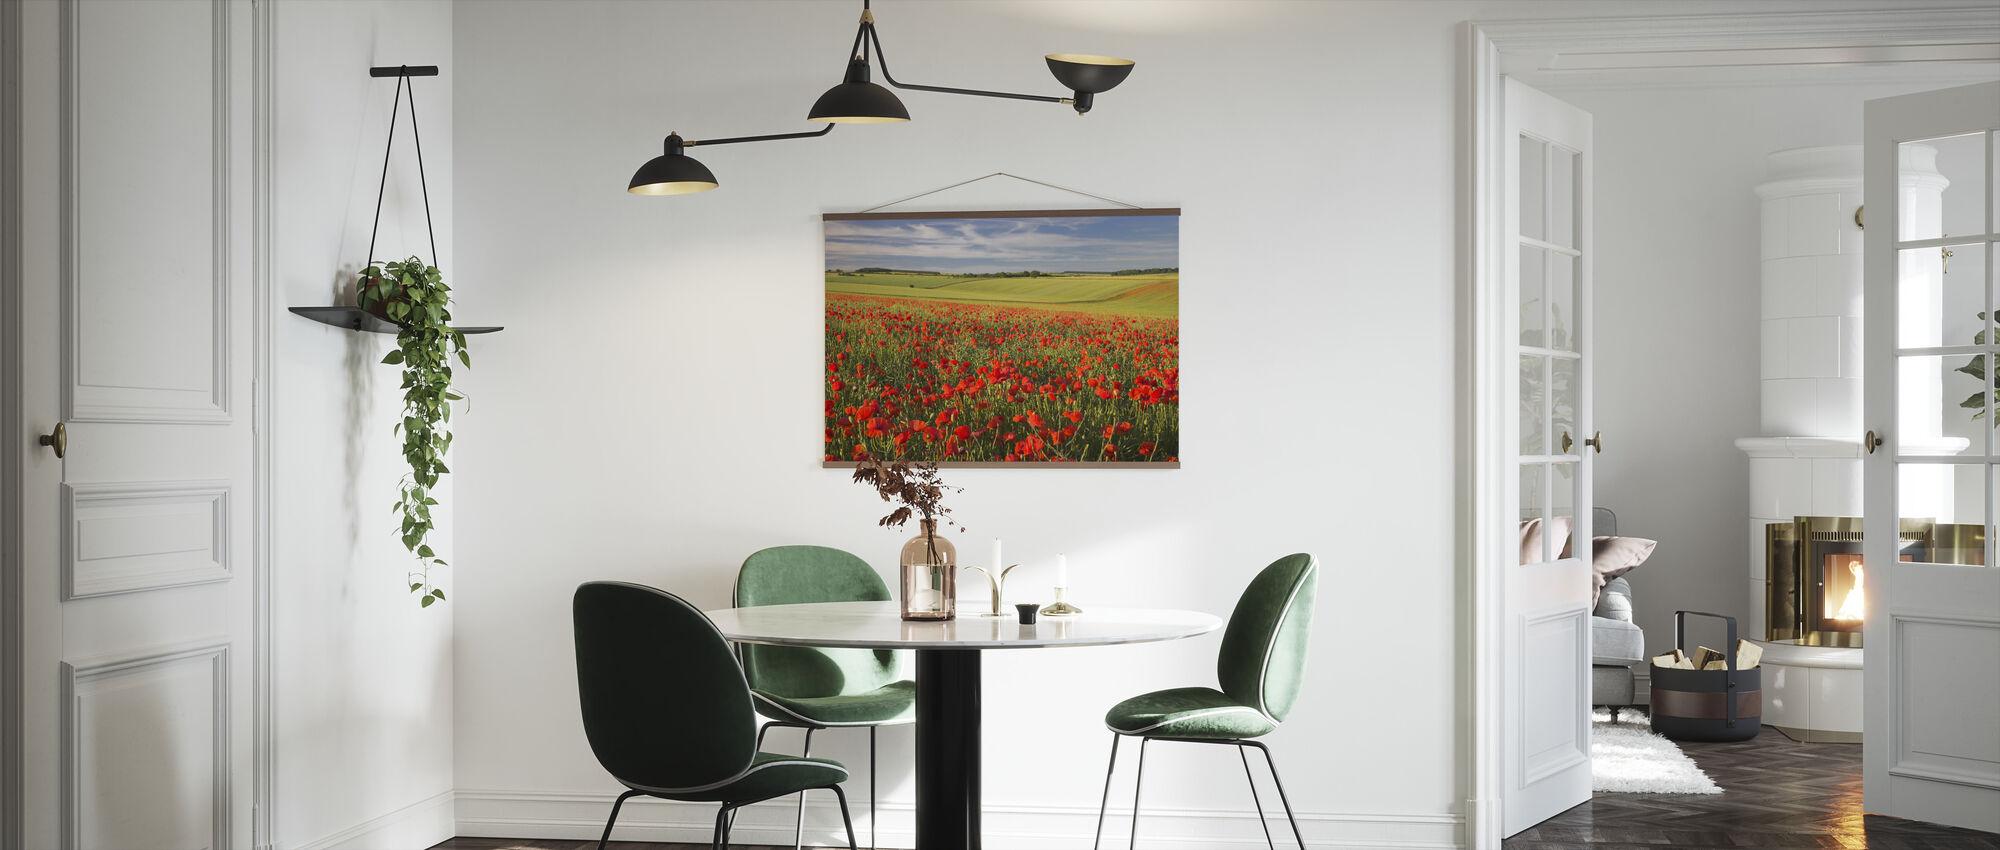 Meer der Mohnblumen - Poster - Küchen